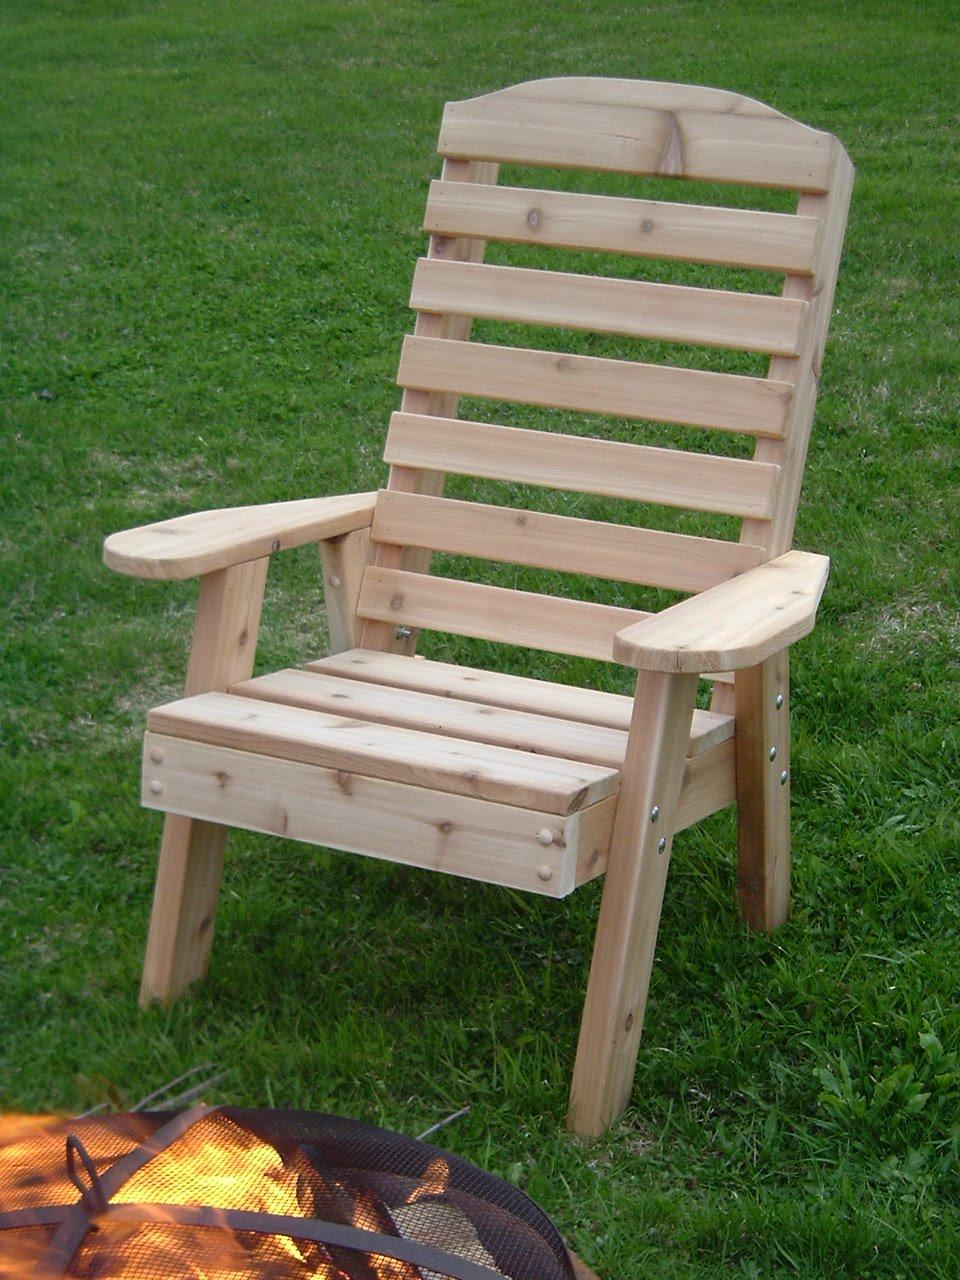 Un meuble qu b cois collection de meuble en c dre pour l for Meuble quebecois